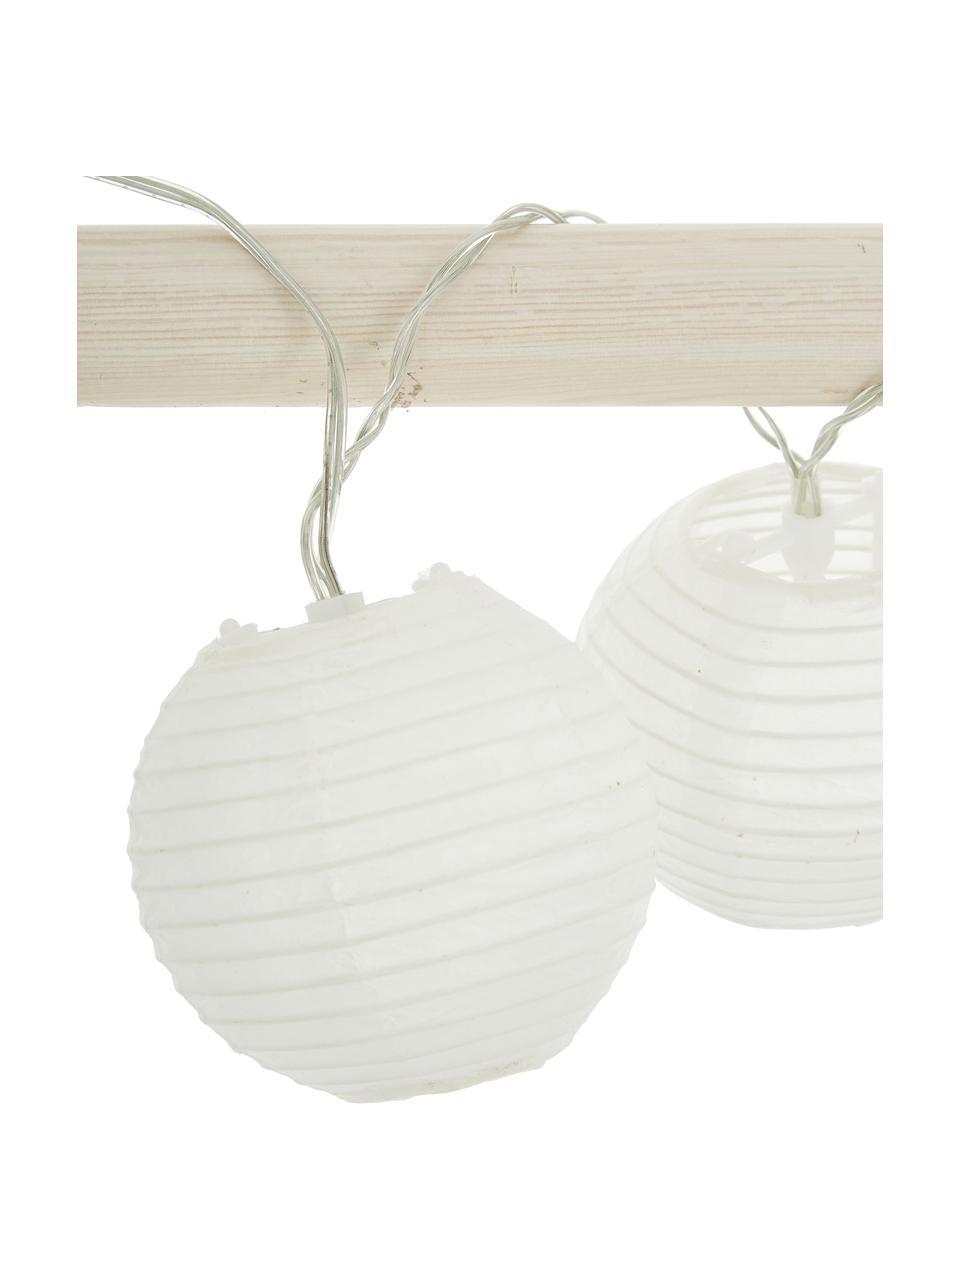 LED-Lichterkette Festival, 300 cm, 10 Lampions, Lampions: Papier, Weiß, L 300 cm